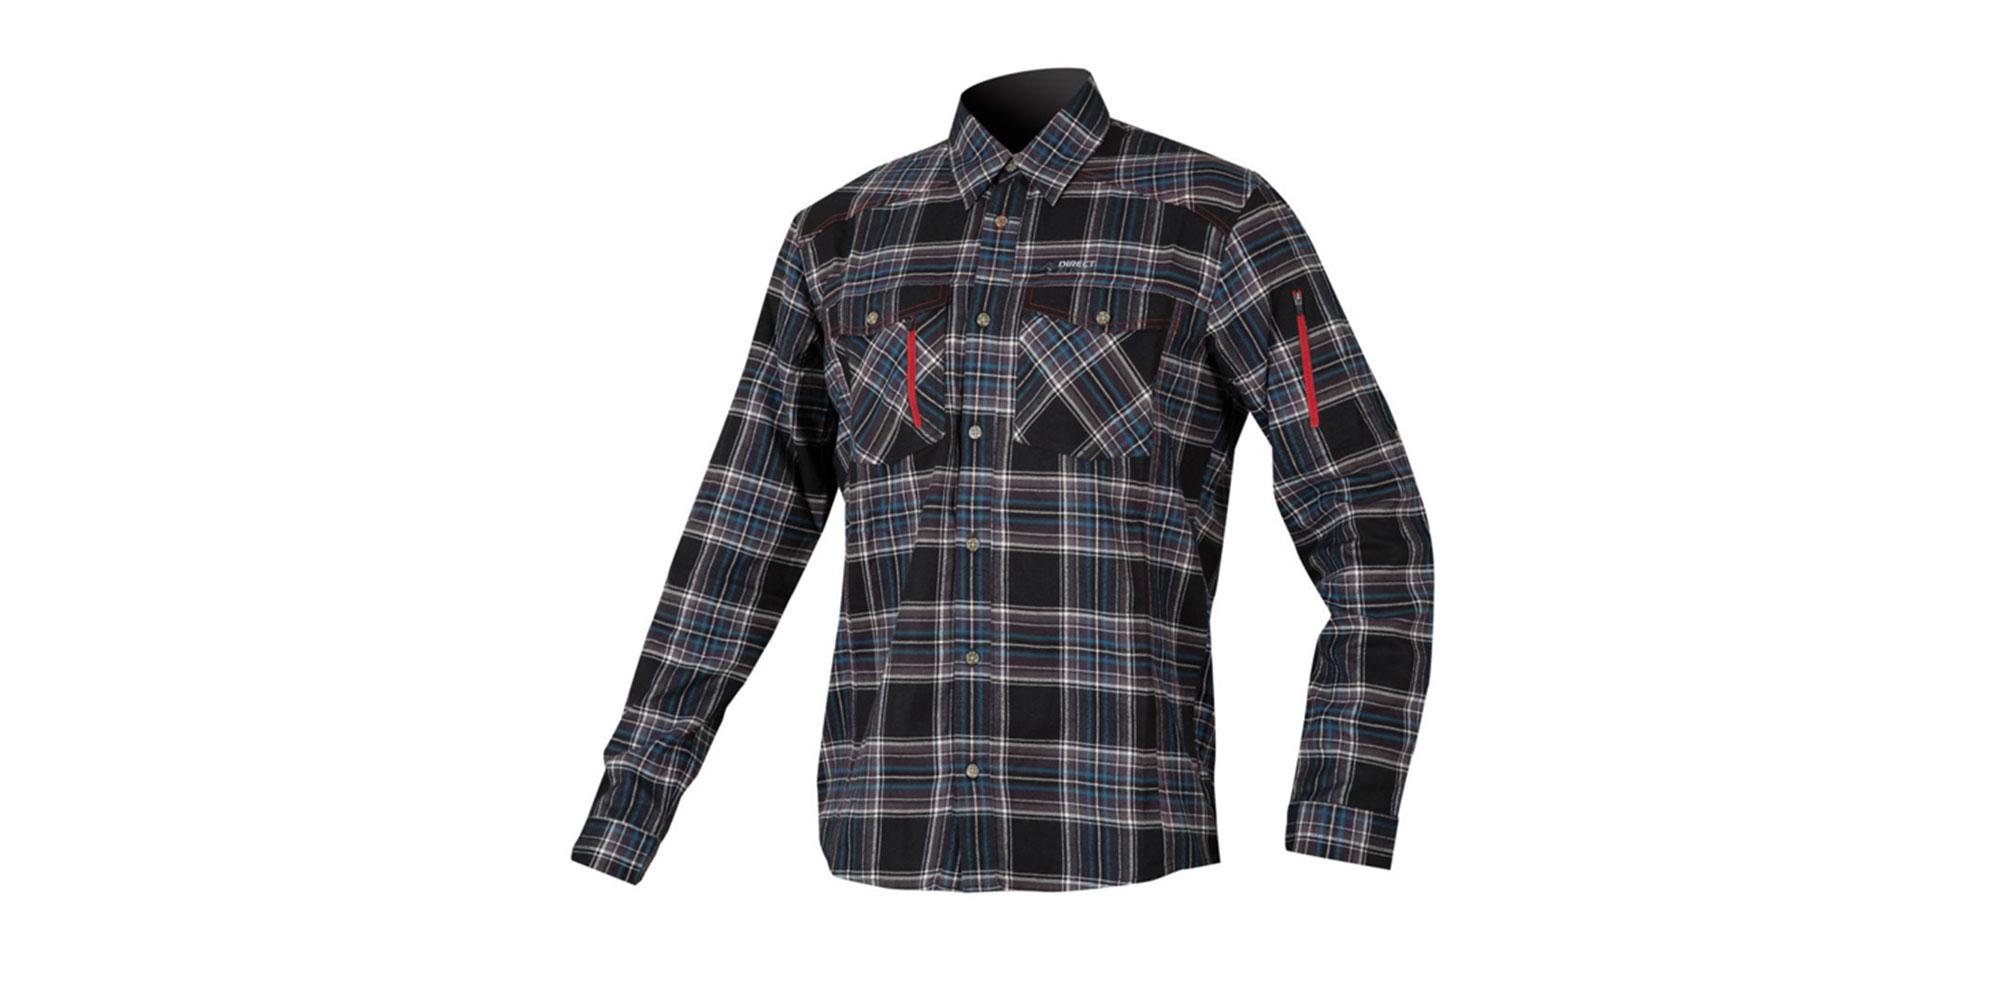 Pánská košileDirect AlpineDawson 1.0